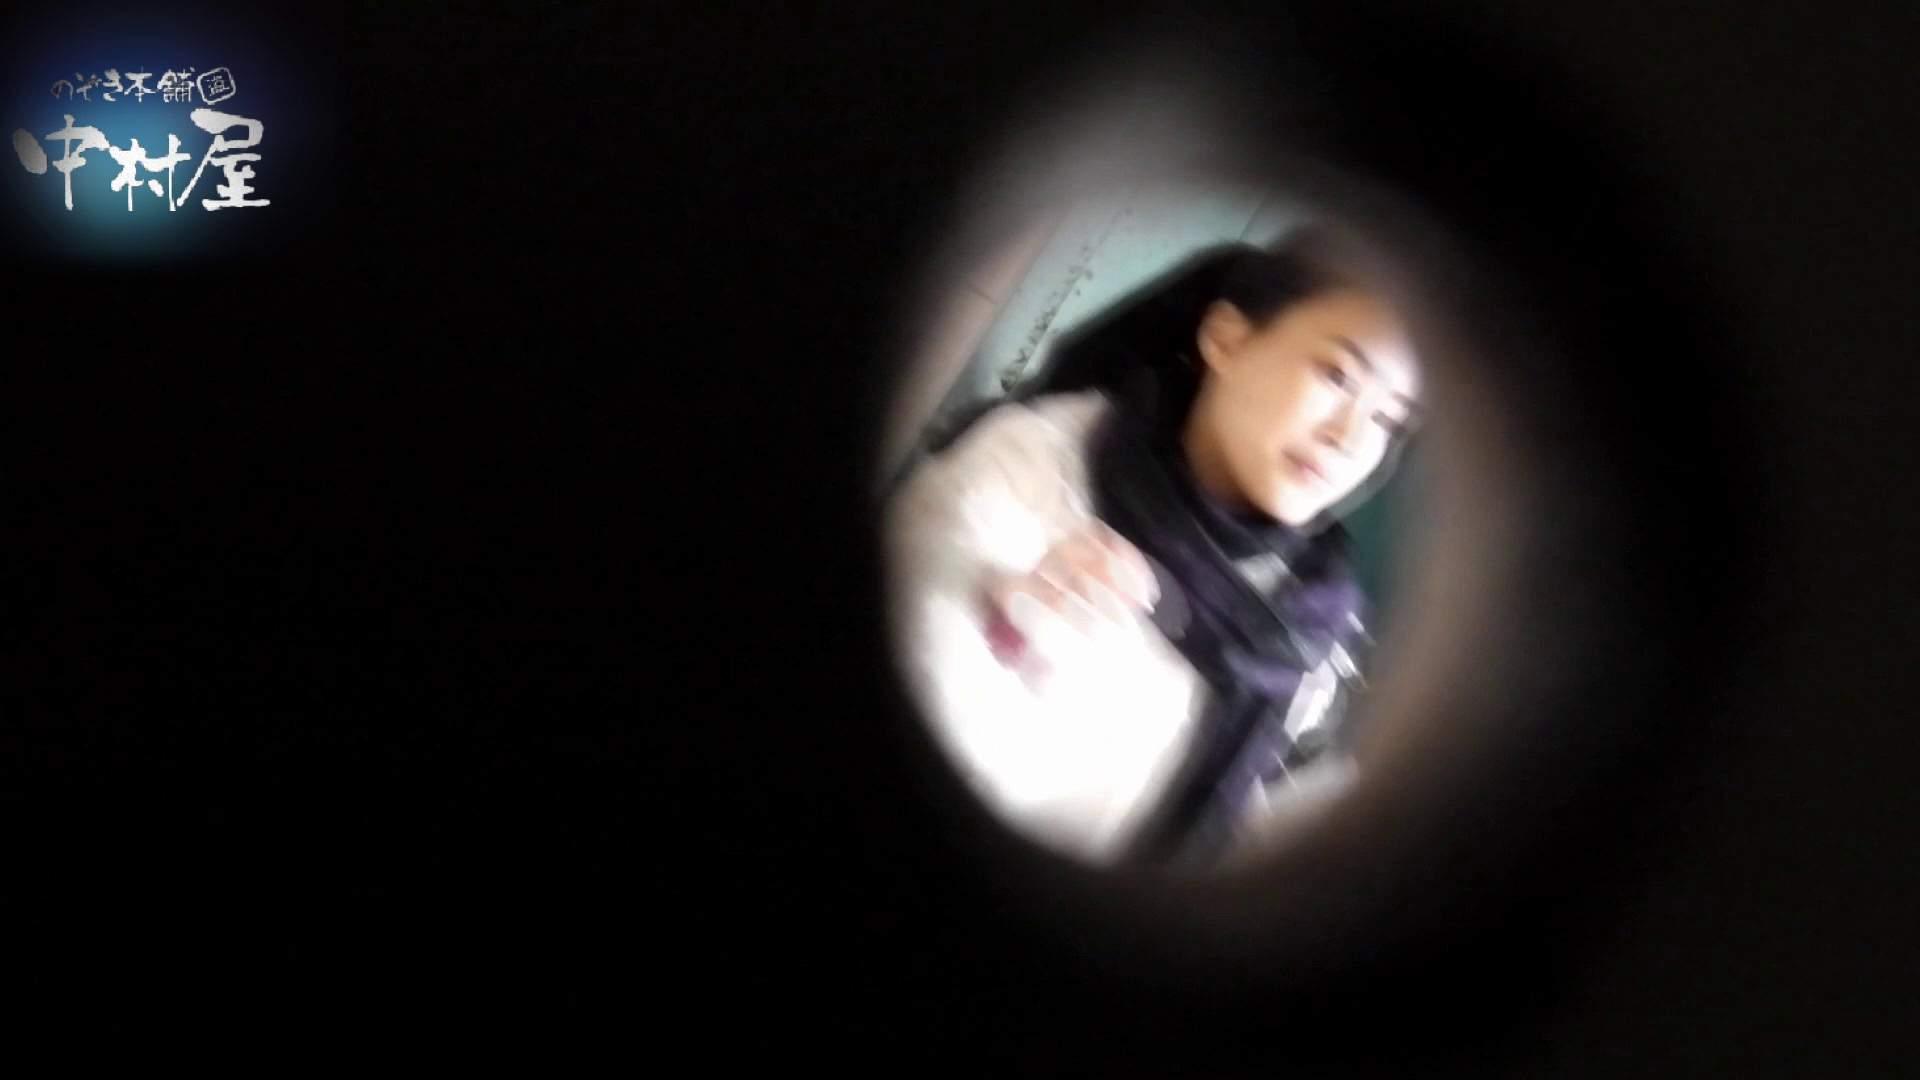 乙女集まる!ショッピングモール潜入撮vol.06 丸見え | 乙女  86pic 43